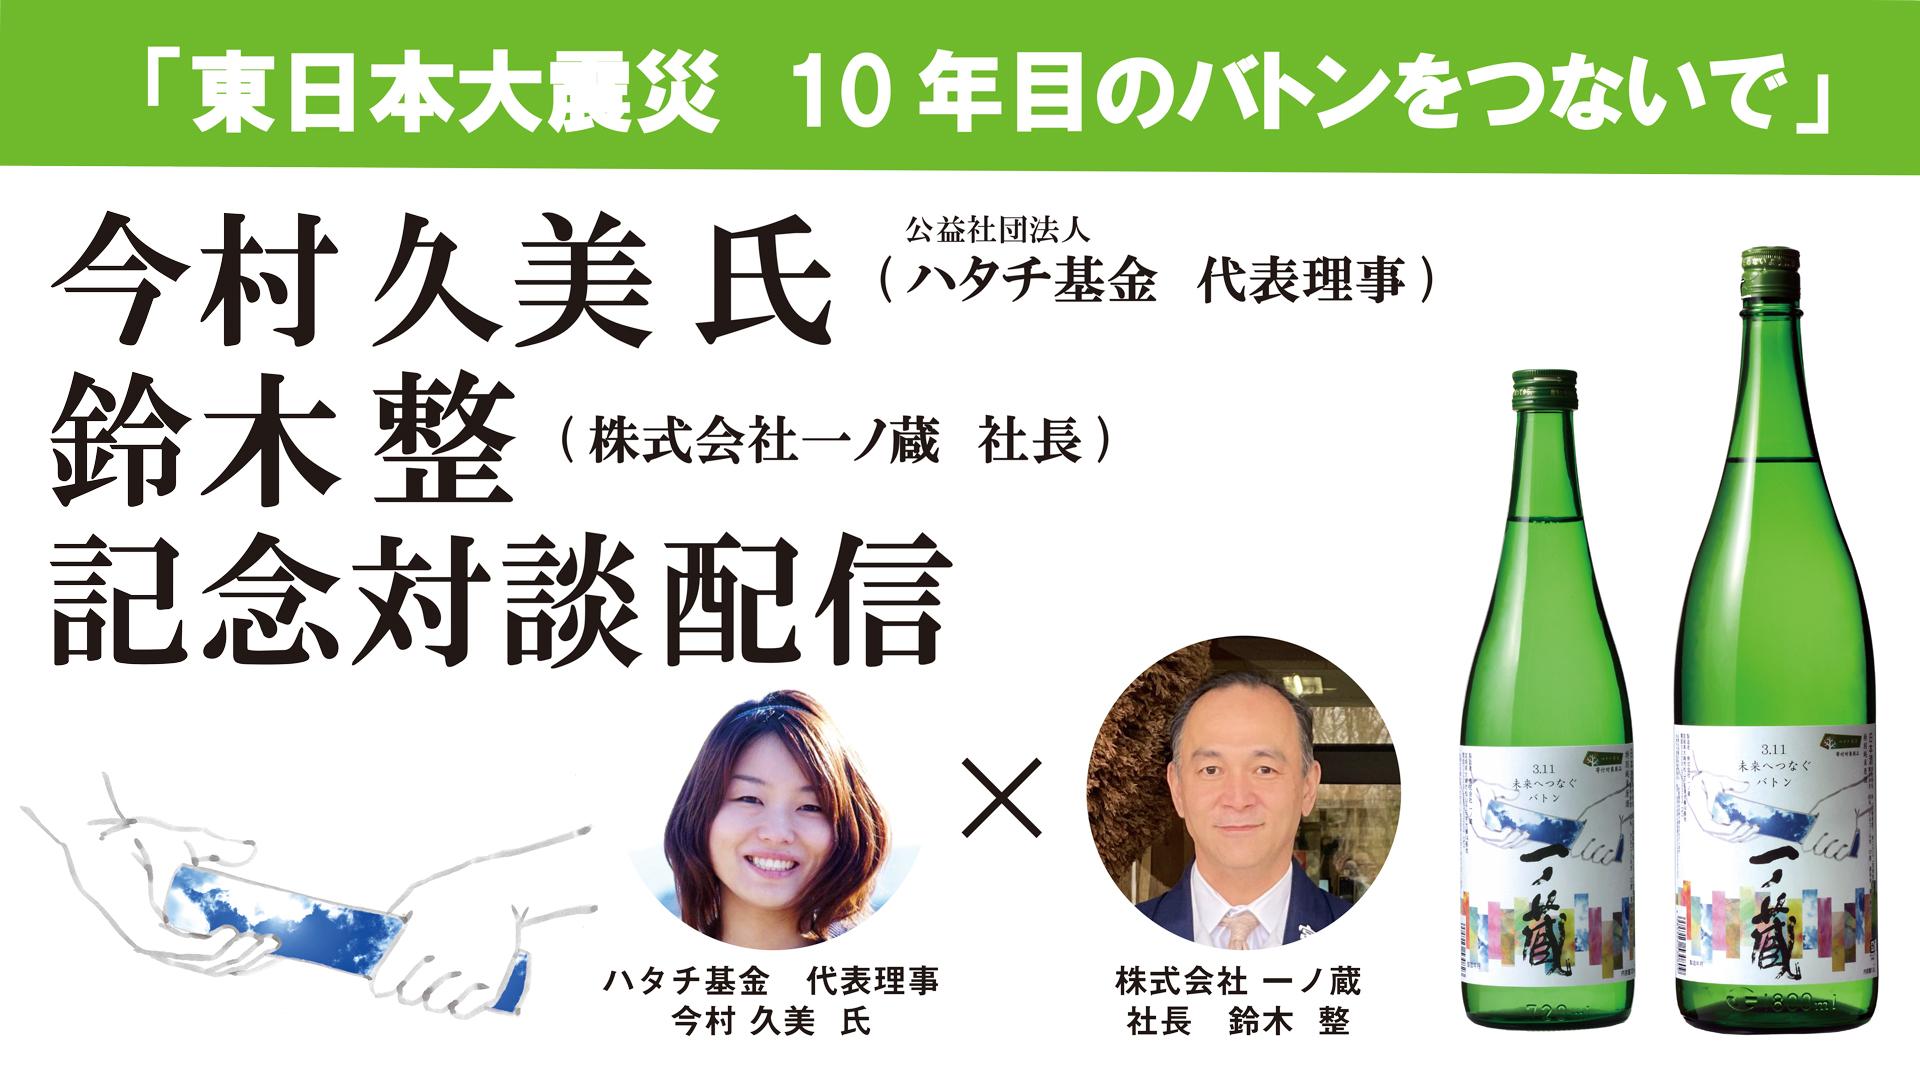 「一ノ蔵 3.11未来バトン酒東日本大震災から10年バトンをつないで」~ハタチ基金代表理事今村久美氏との対談~